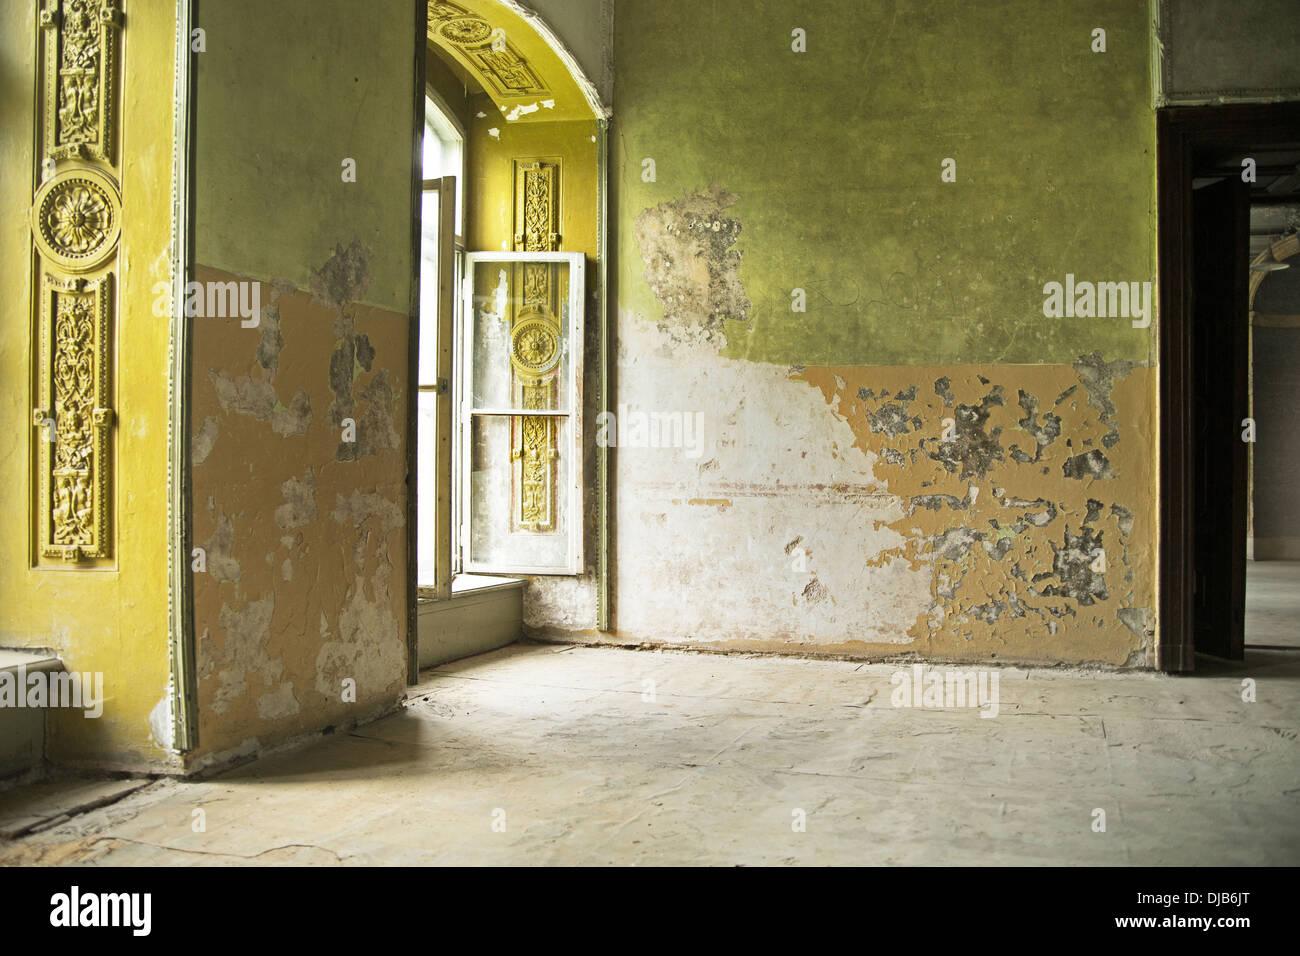 L'intérieur de l'ancienne taille ancien bâtiment Photo Stock